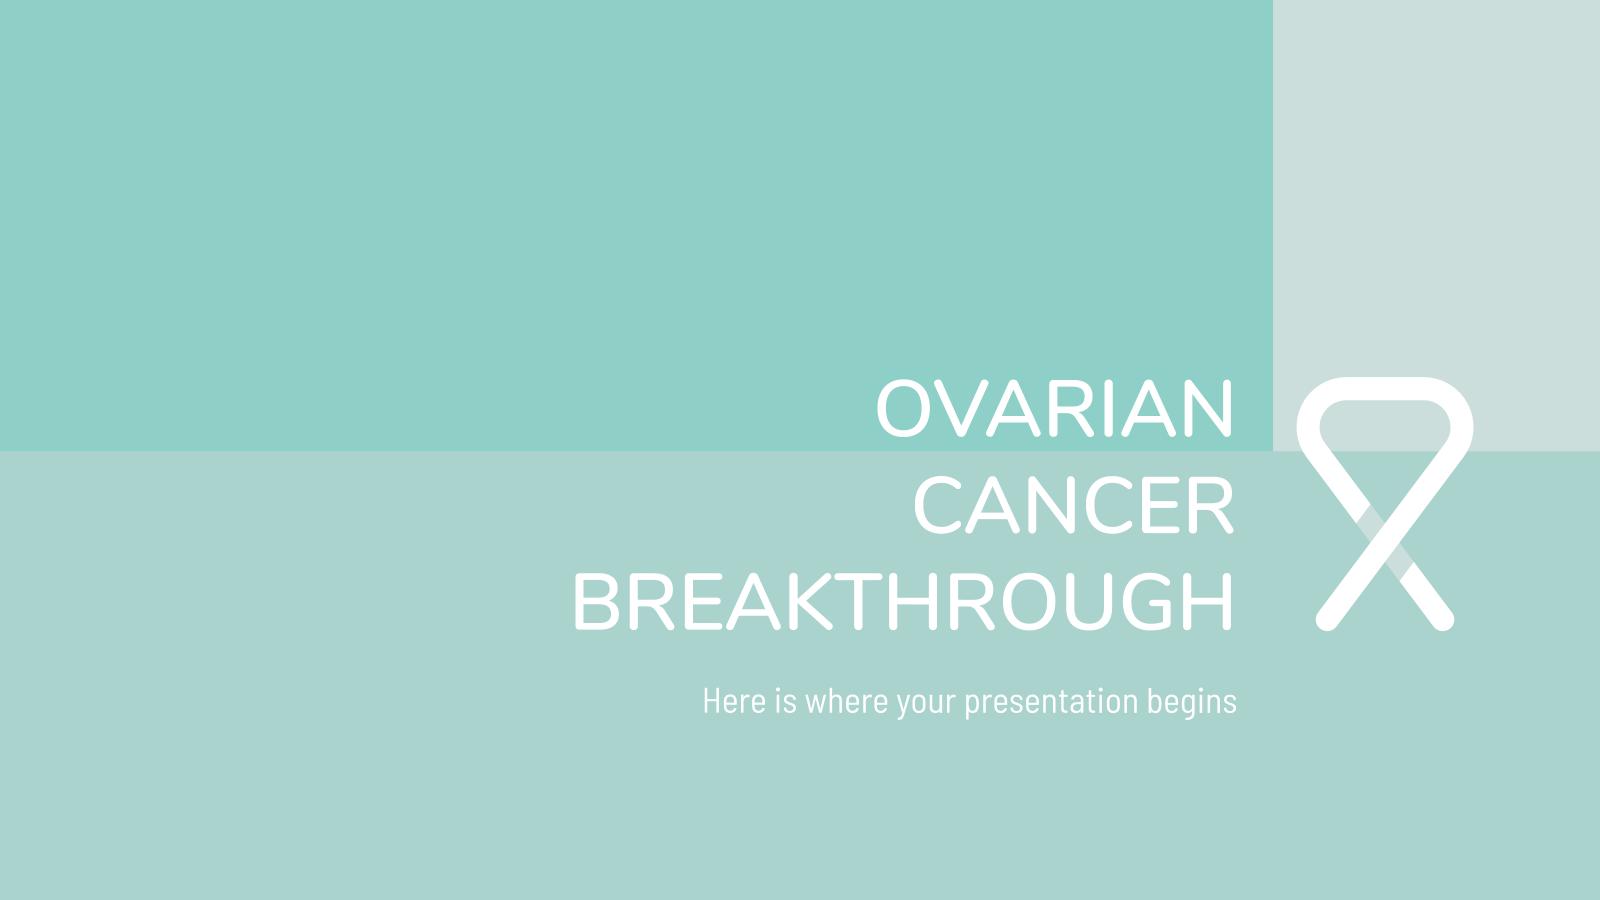 Modelo de apresentação Avanço sobre câncer de ovário